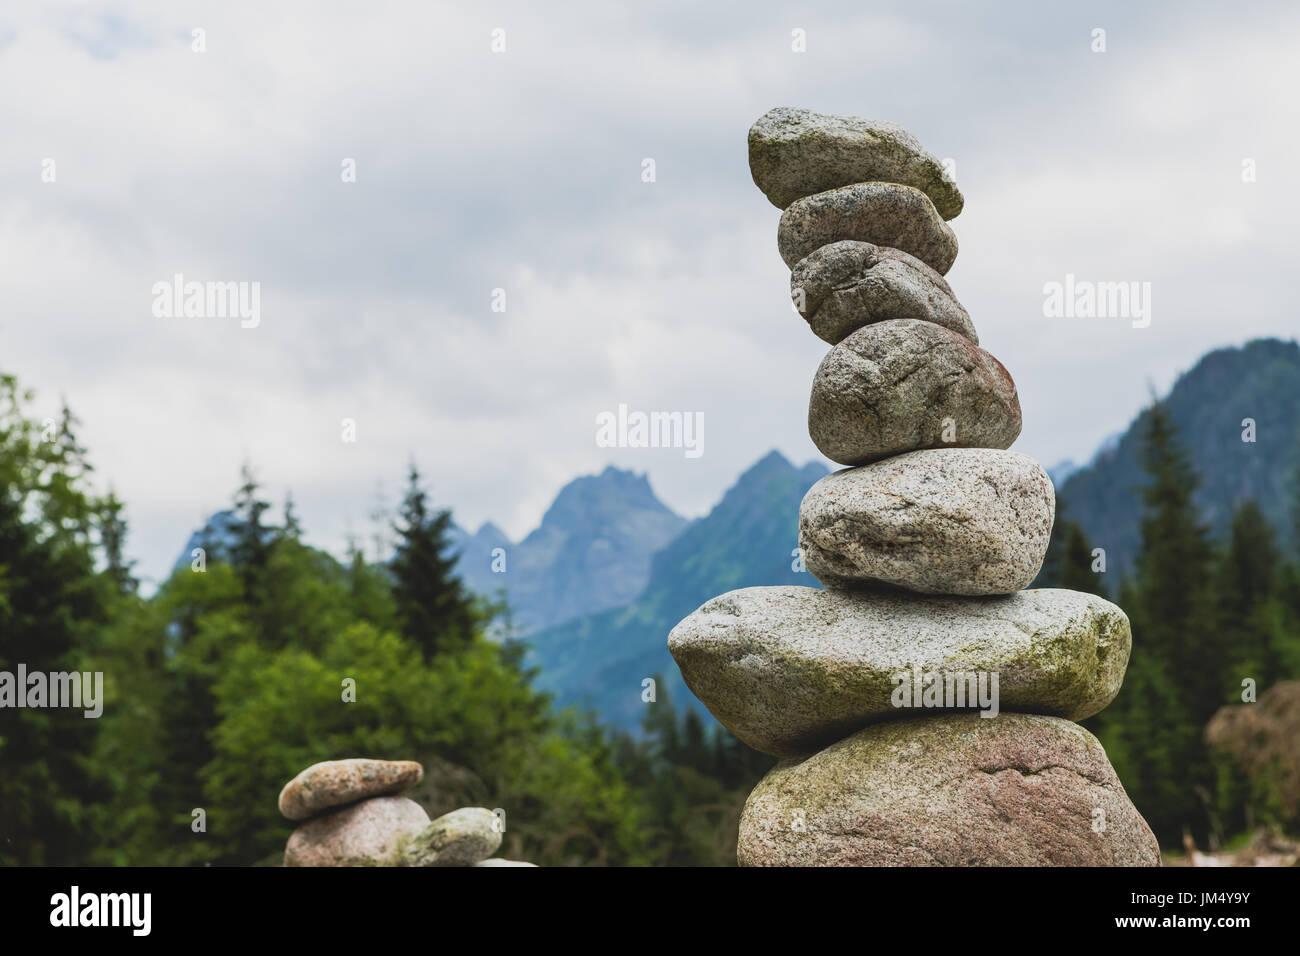 L'équilibre des pierres, hiérarchie pile ciel nuageux en montagne. Concept de stabilité d'inspiration sur les rochers. Photo Stock